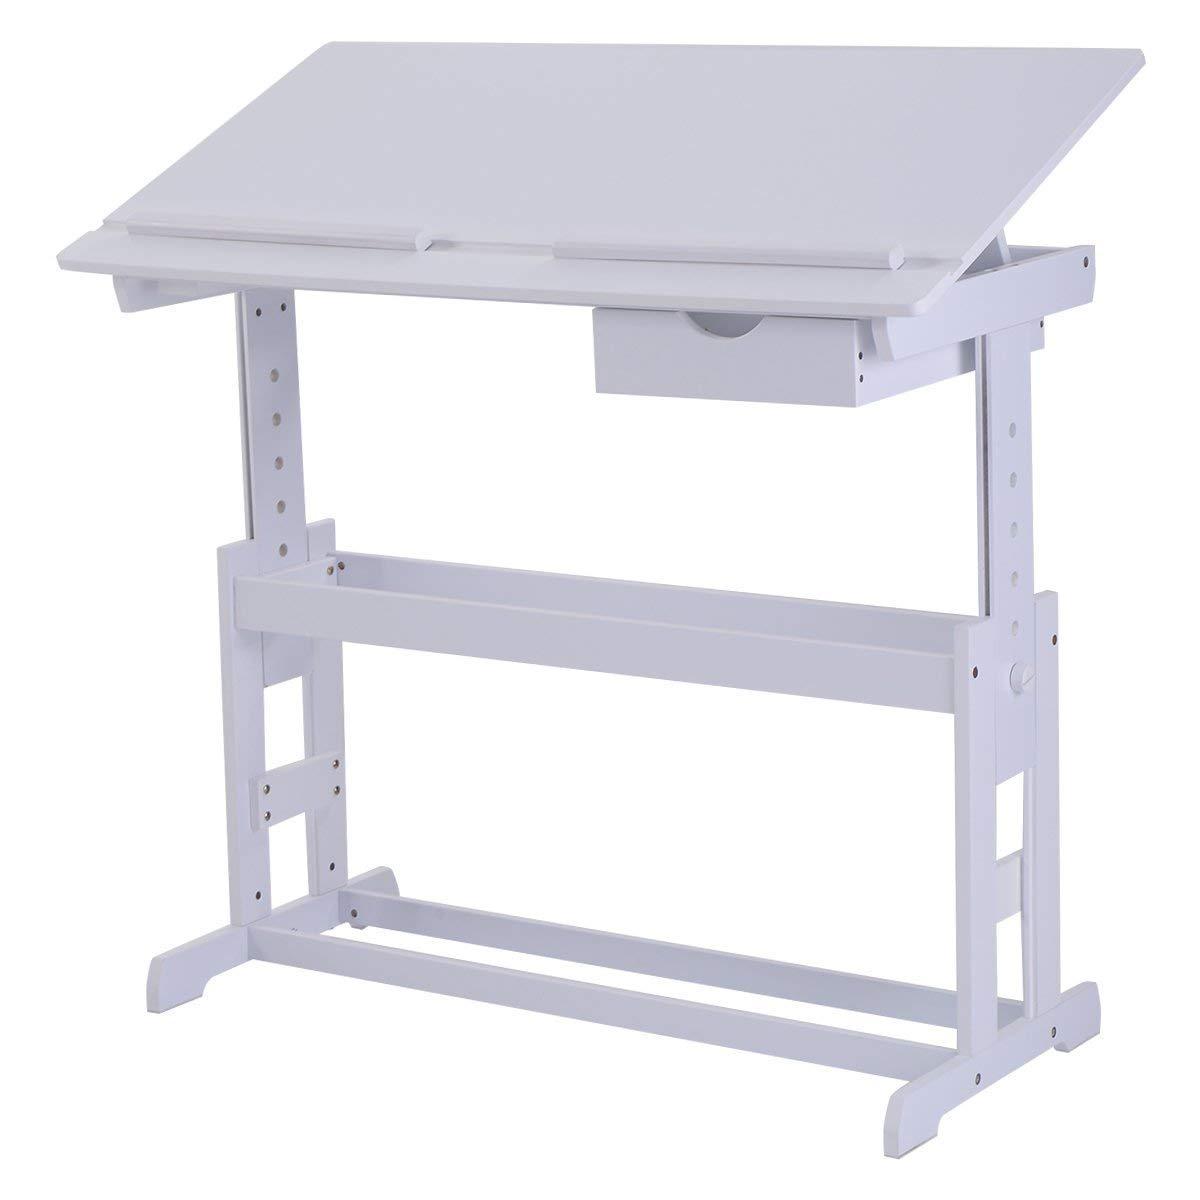 COSTWAY Escritorio para Niños Habitación Muebles Mesa de Lectura para Infantil con Cajón ángulo y Altura Ajustable (Blanco)